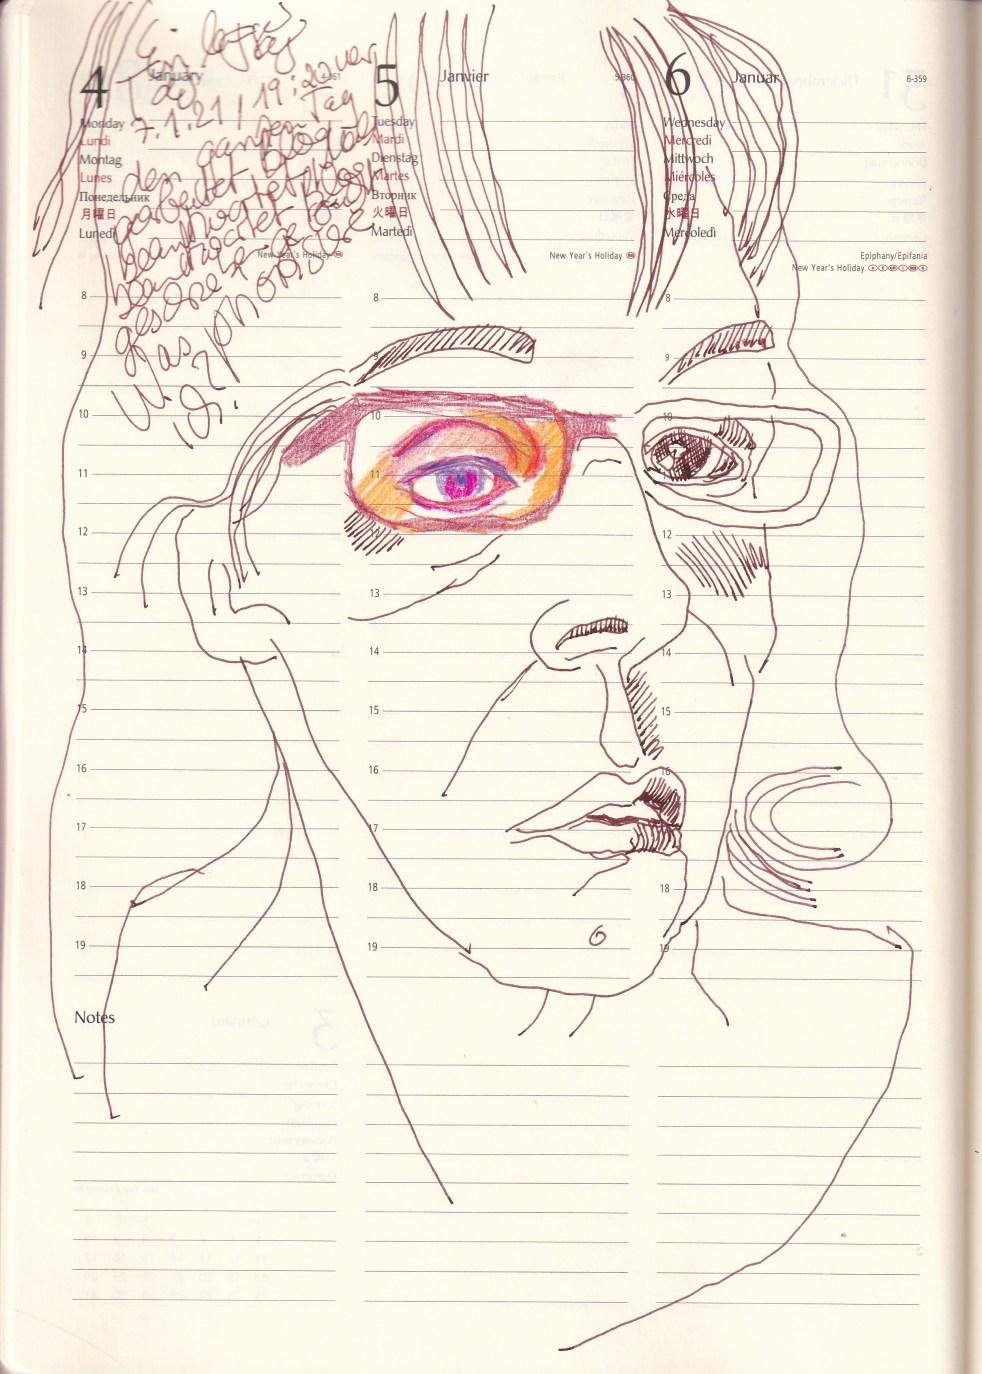 Selbstbildnisstagebuch 4.-6.1.2020 Zeichnung von SusanneHaun (c) VG-Bild-Kunst Bonn 2021